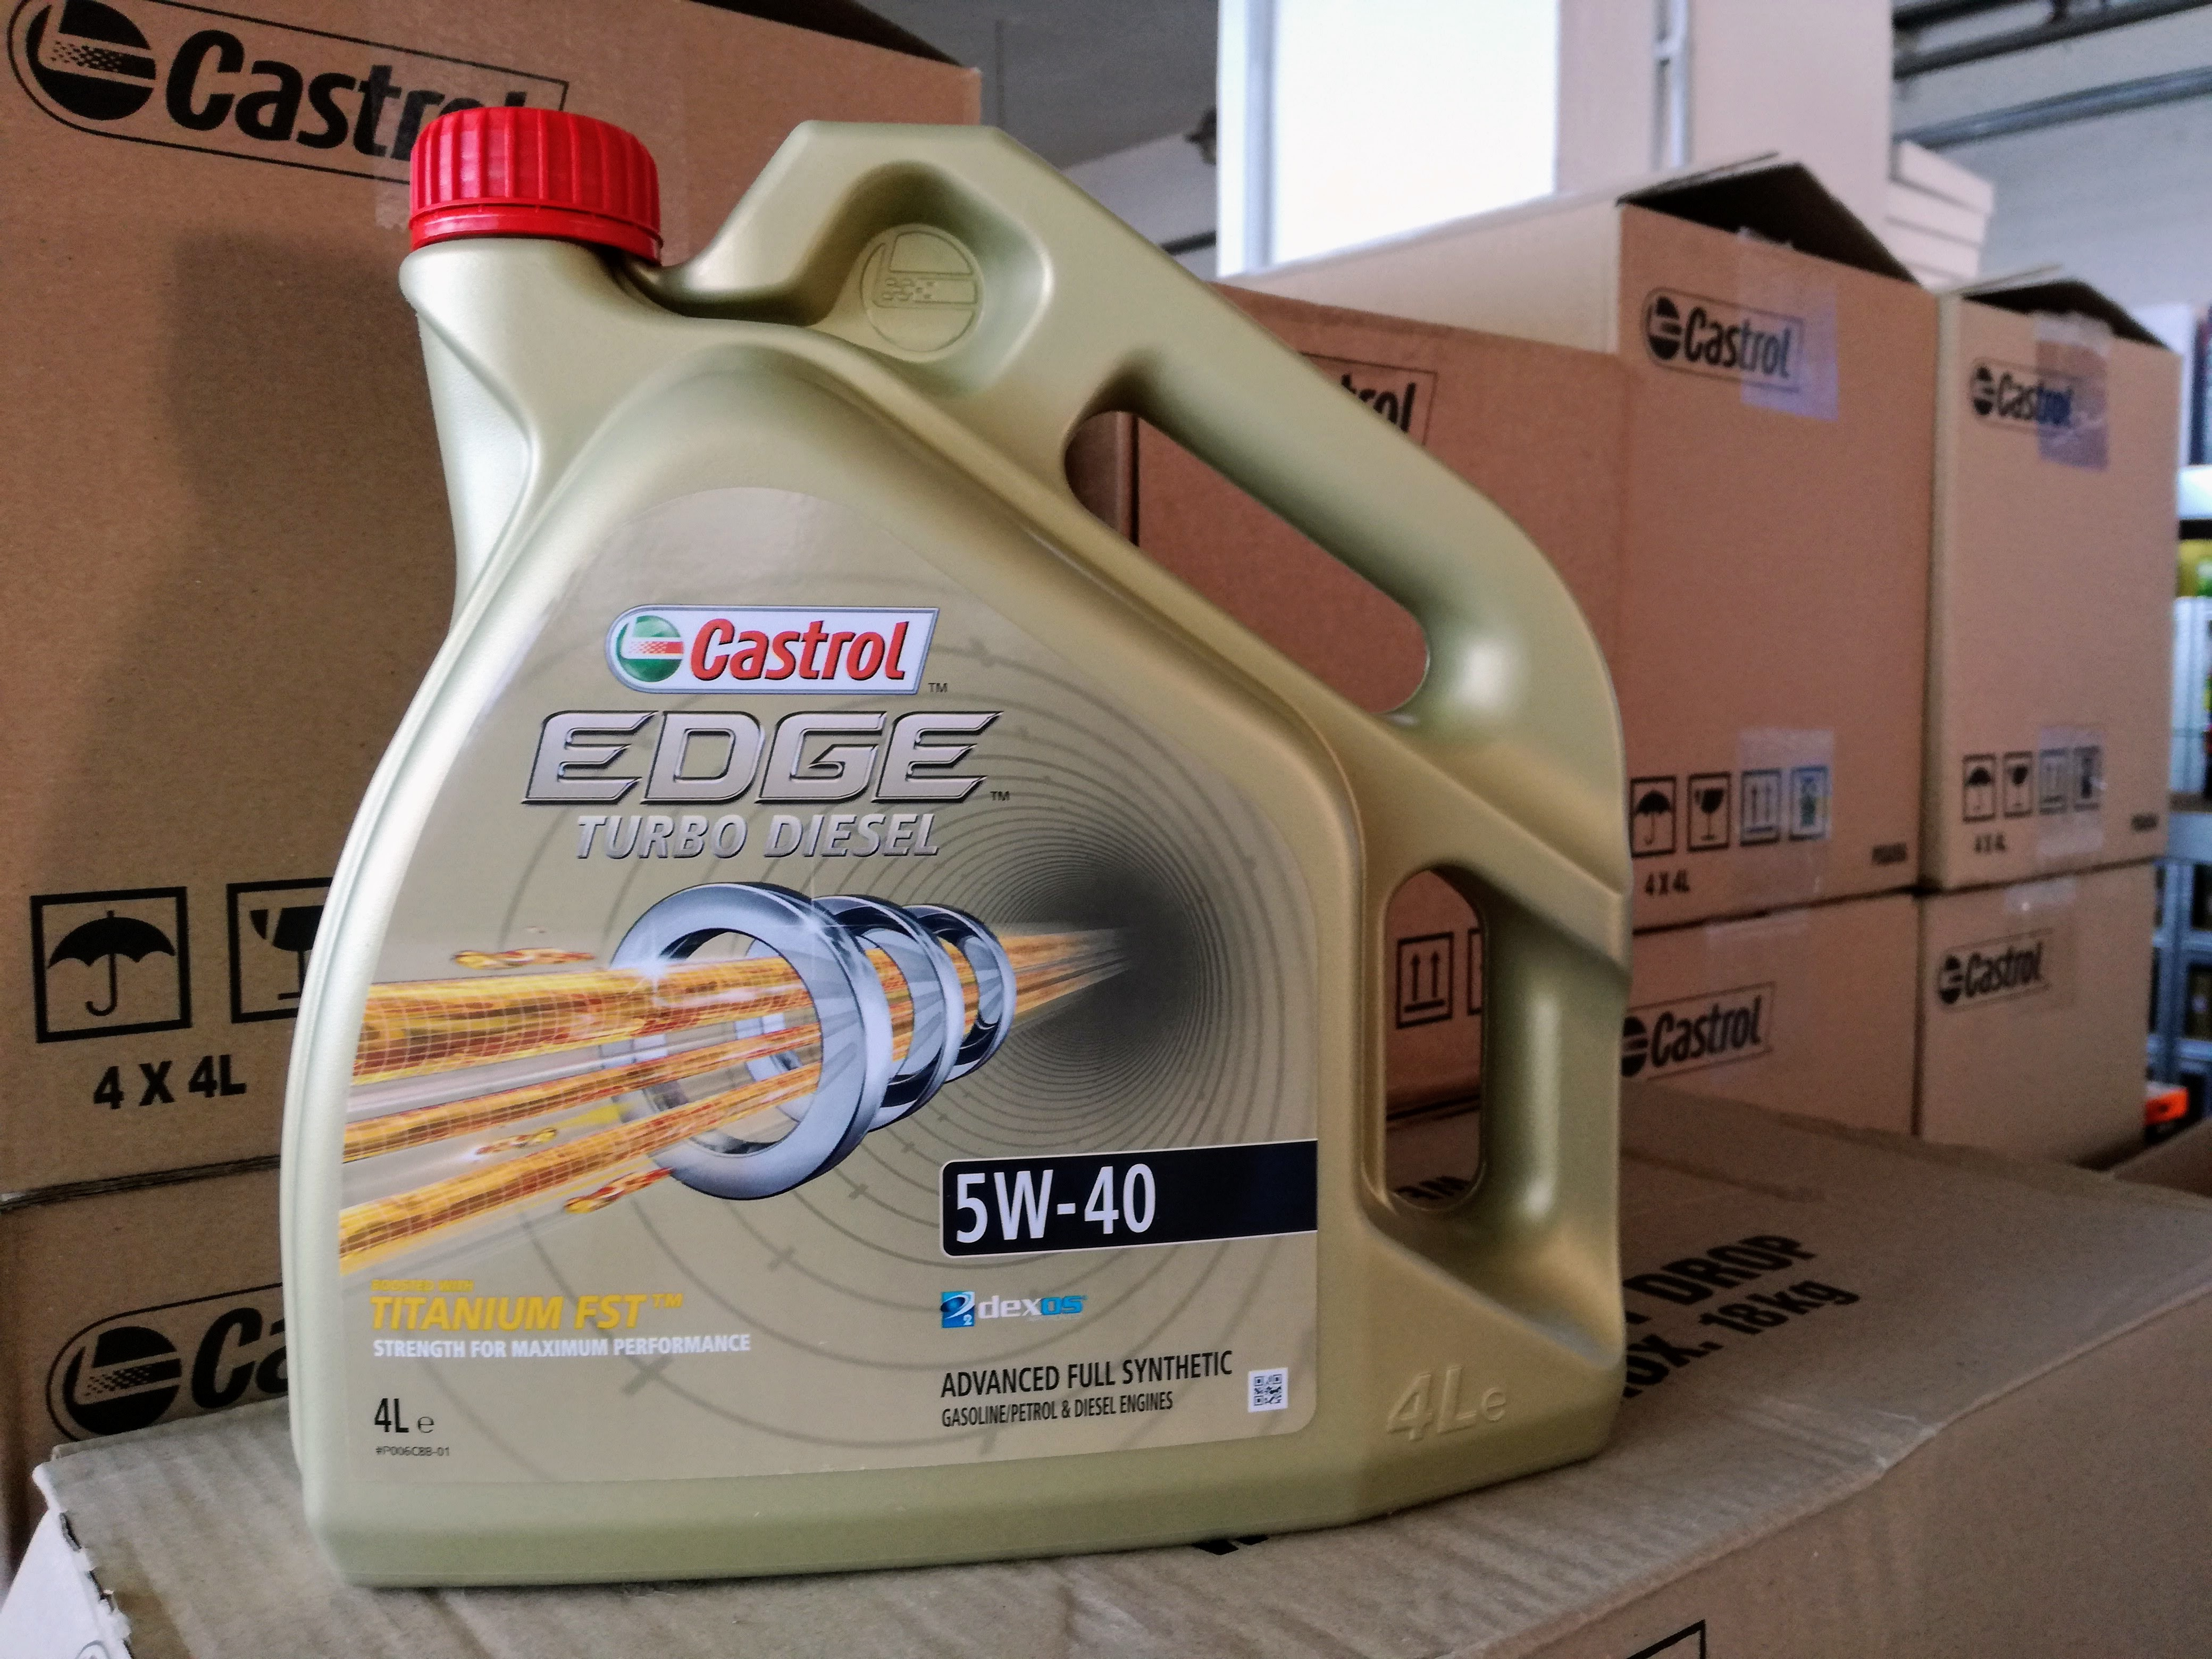 Castrol Edge Turbo Diesel 5W40 4L motorolaj - elülső címkén már nem található biztonsági vízjel.